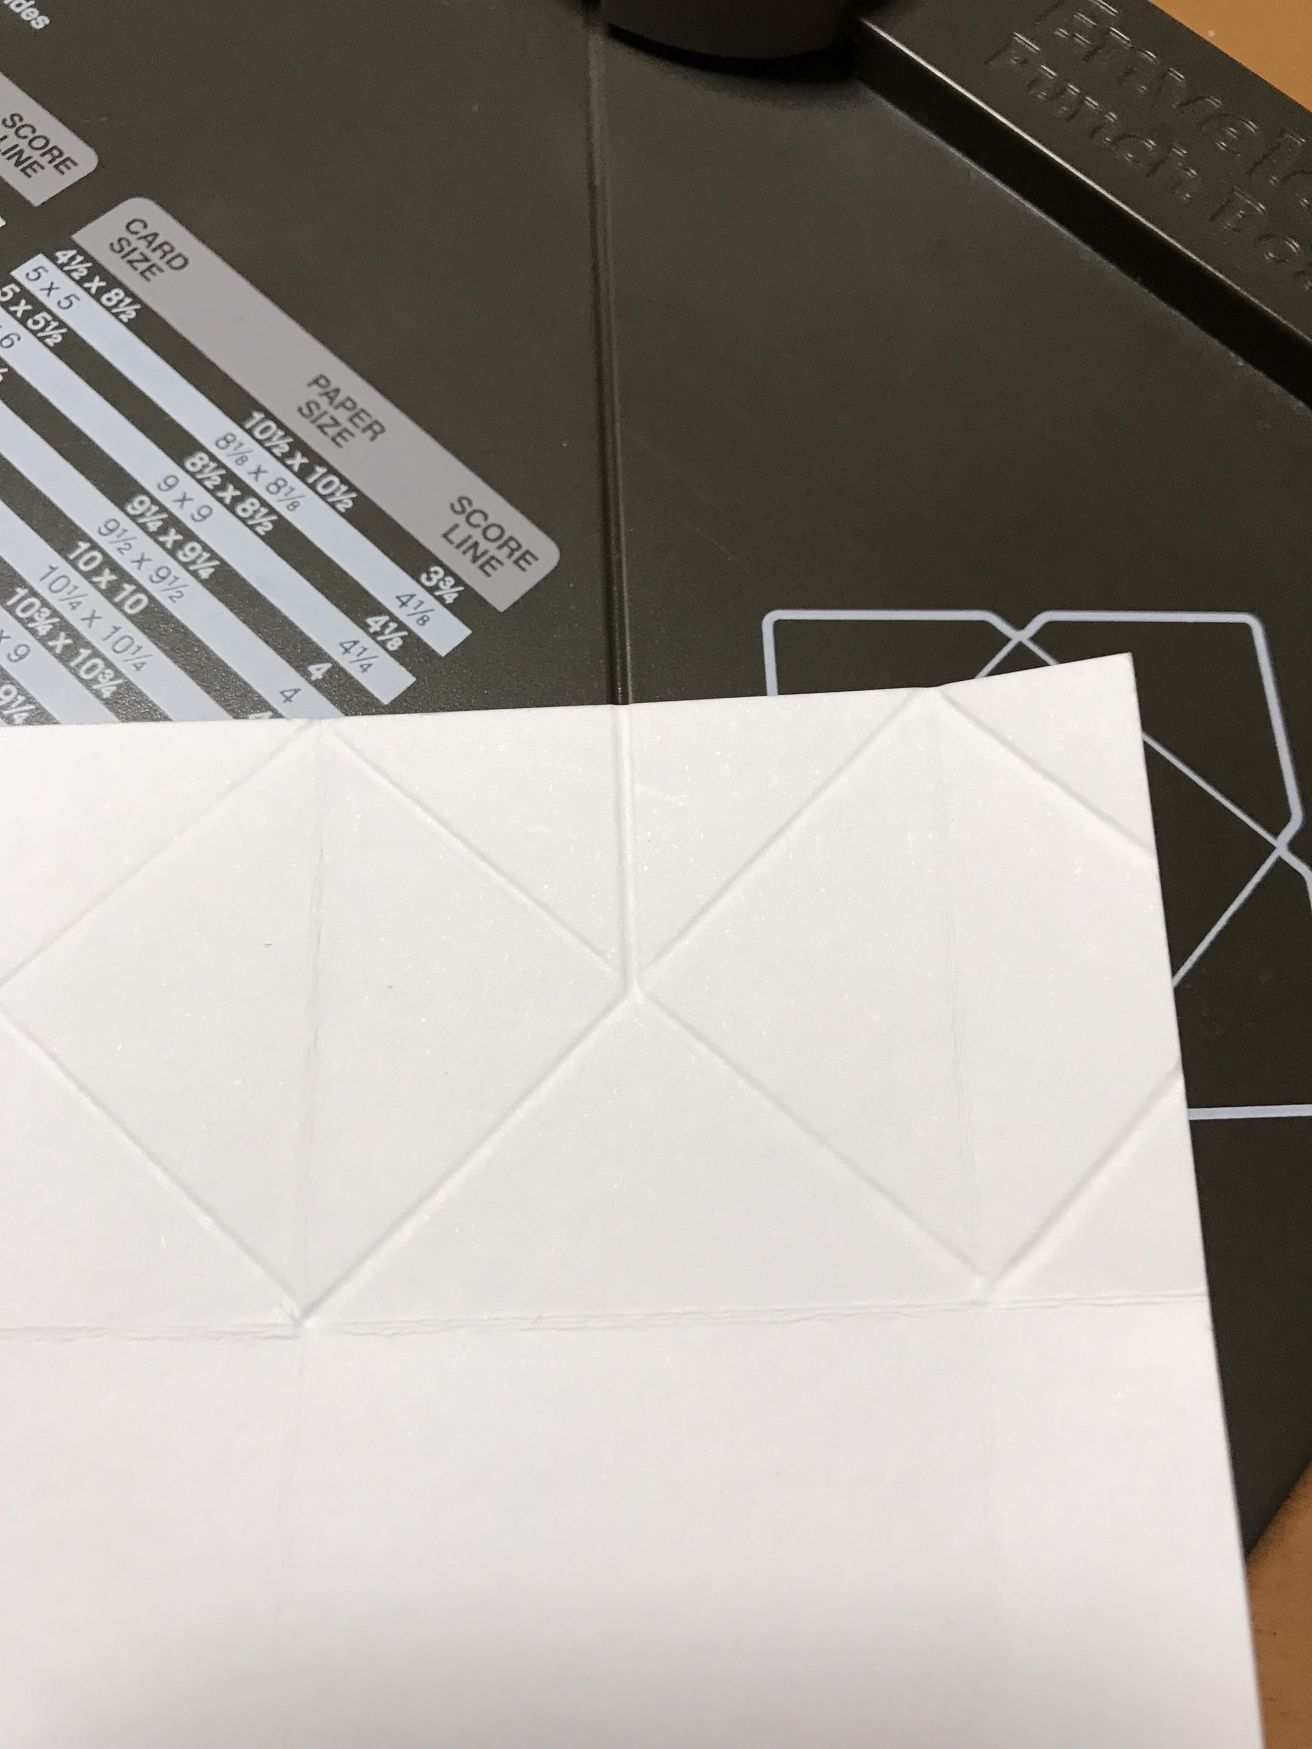 6 Eck Box Sternenbox Sechseckbox Mit Stabilem Boden Anleitung Box Basteln Box Schachtel Basteln